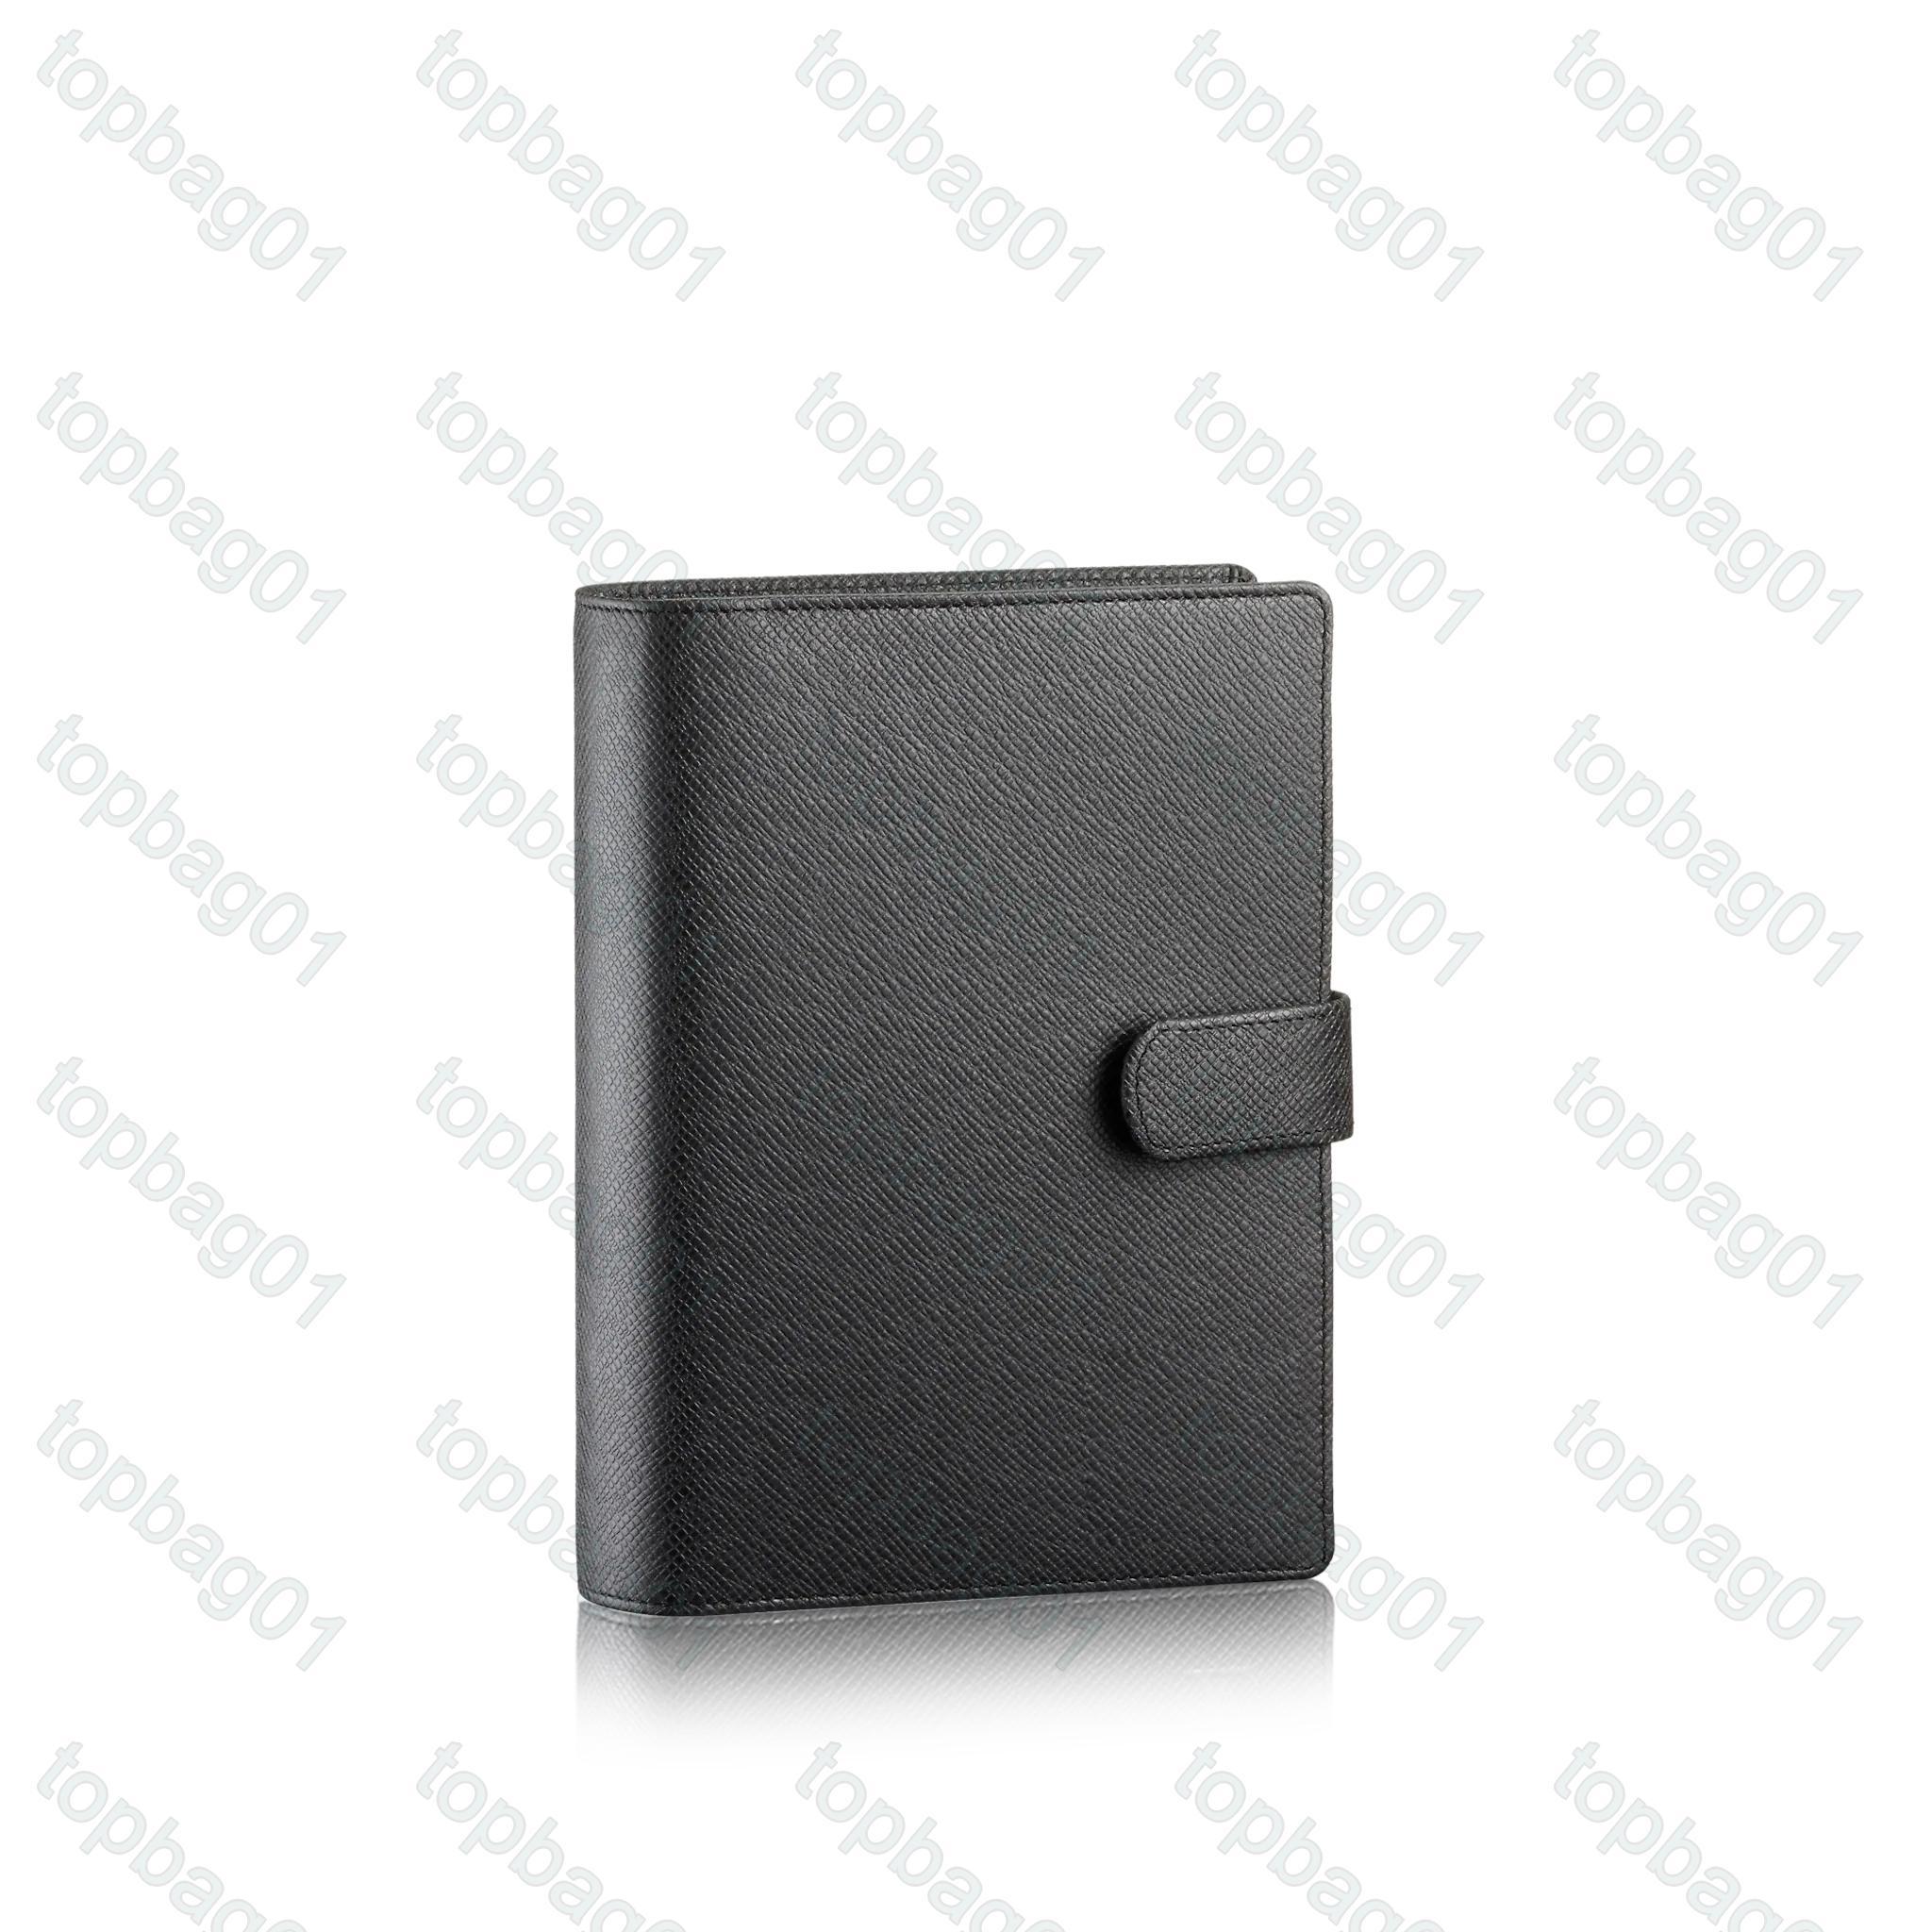 M2004 Orta Gündem Not Defteri Tutucu Kapak Beyaz Kağıt Dizüstü Ofis Seyahat Dergisi Günlüğü Jotter 6 Kredi Kartı Sahipleri Kutusu ile Yuvaları